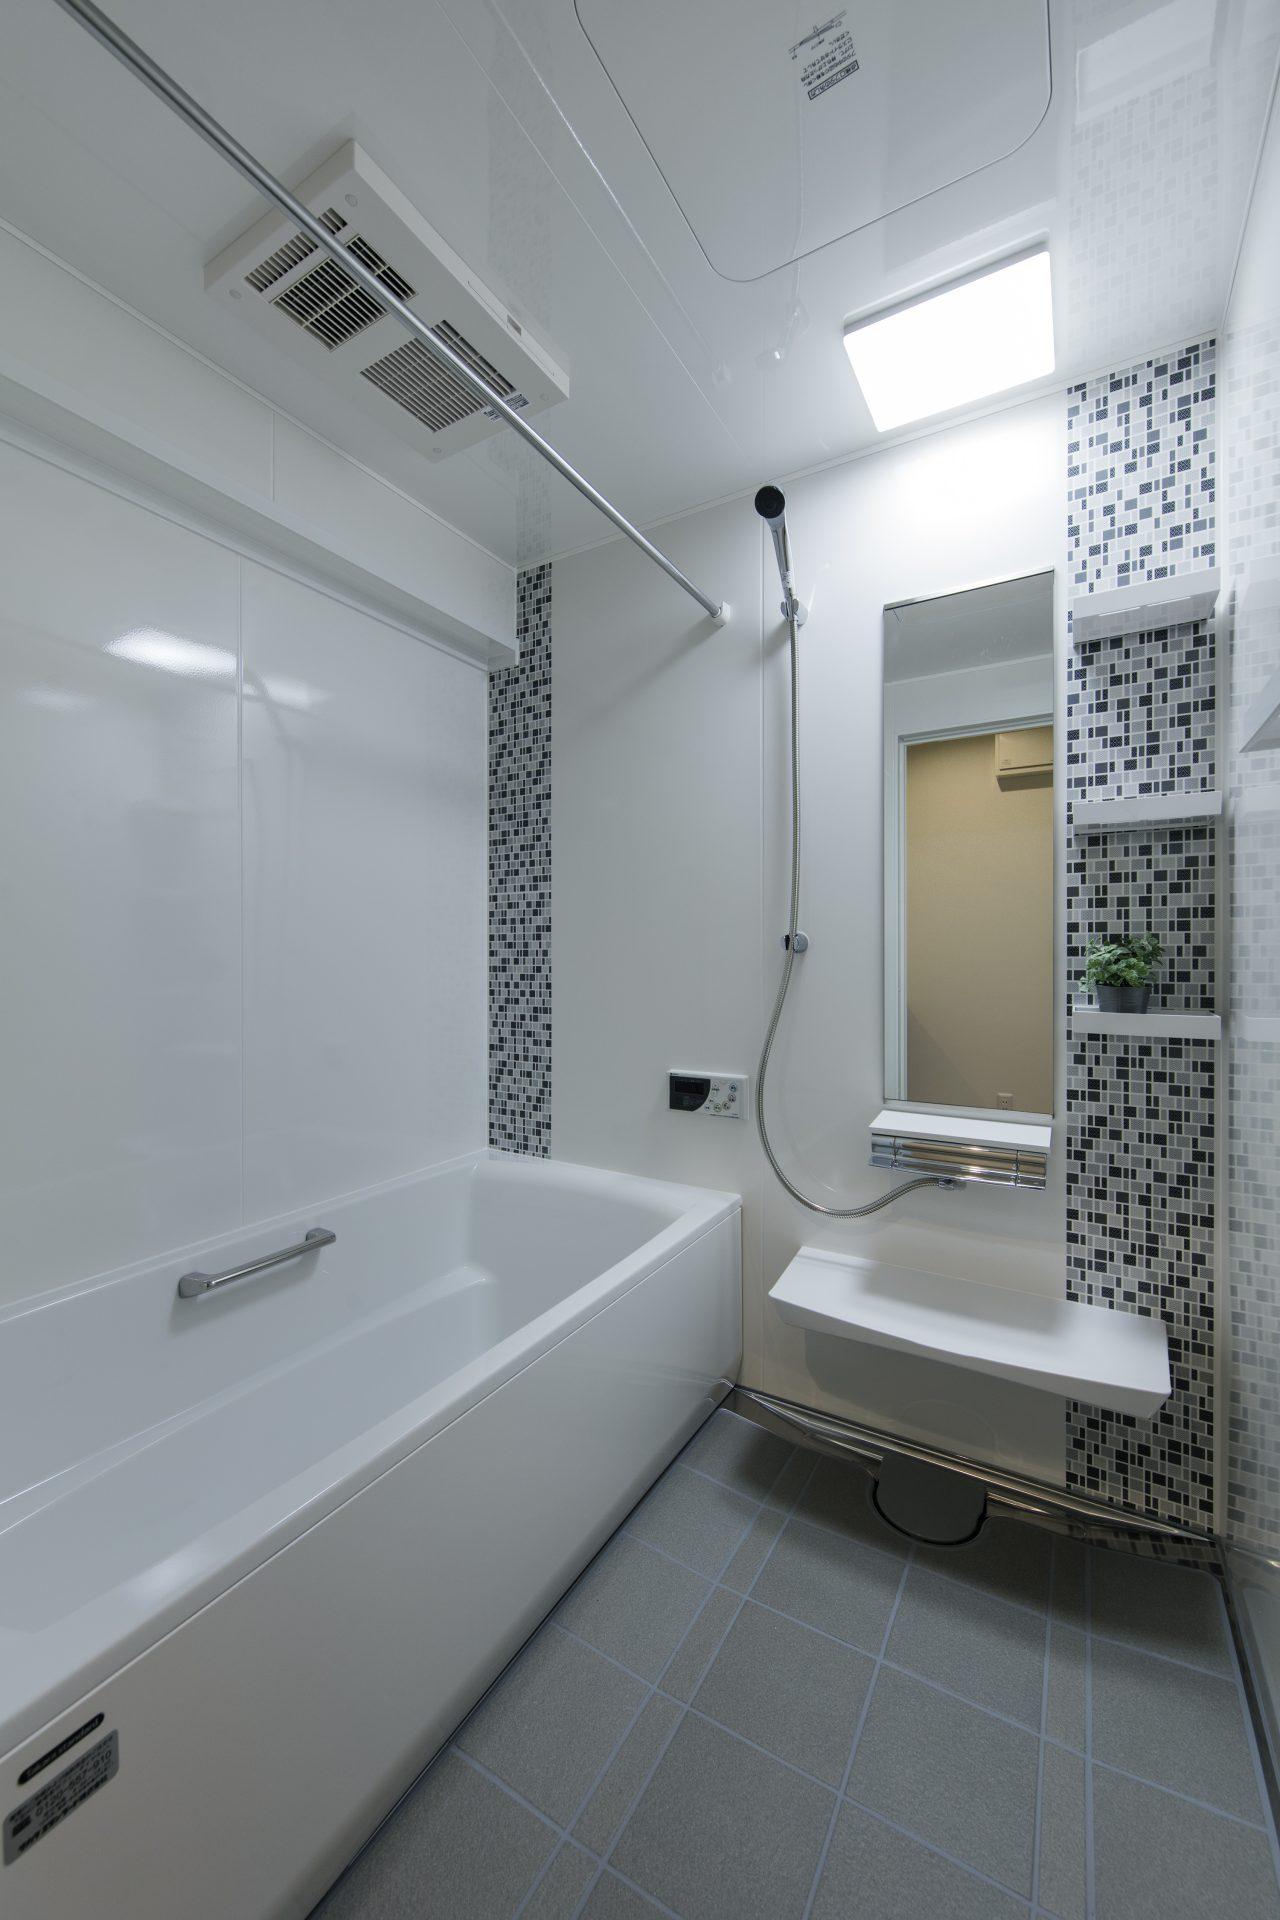 浴室はタカラスタンダード伸びの美浴室